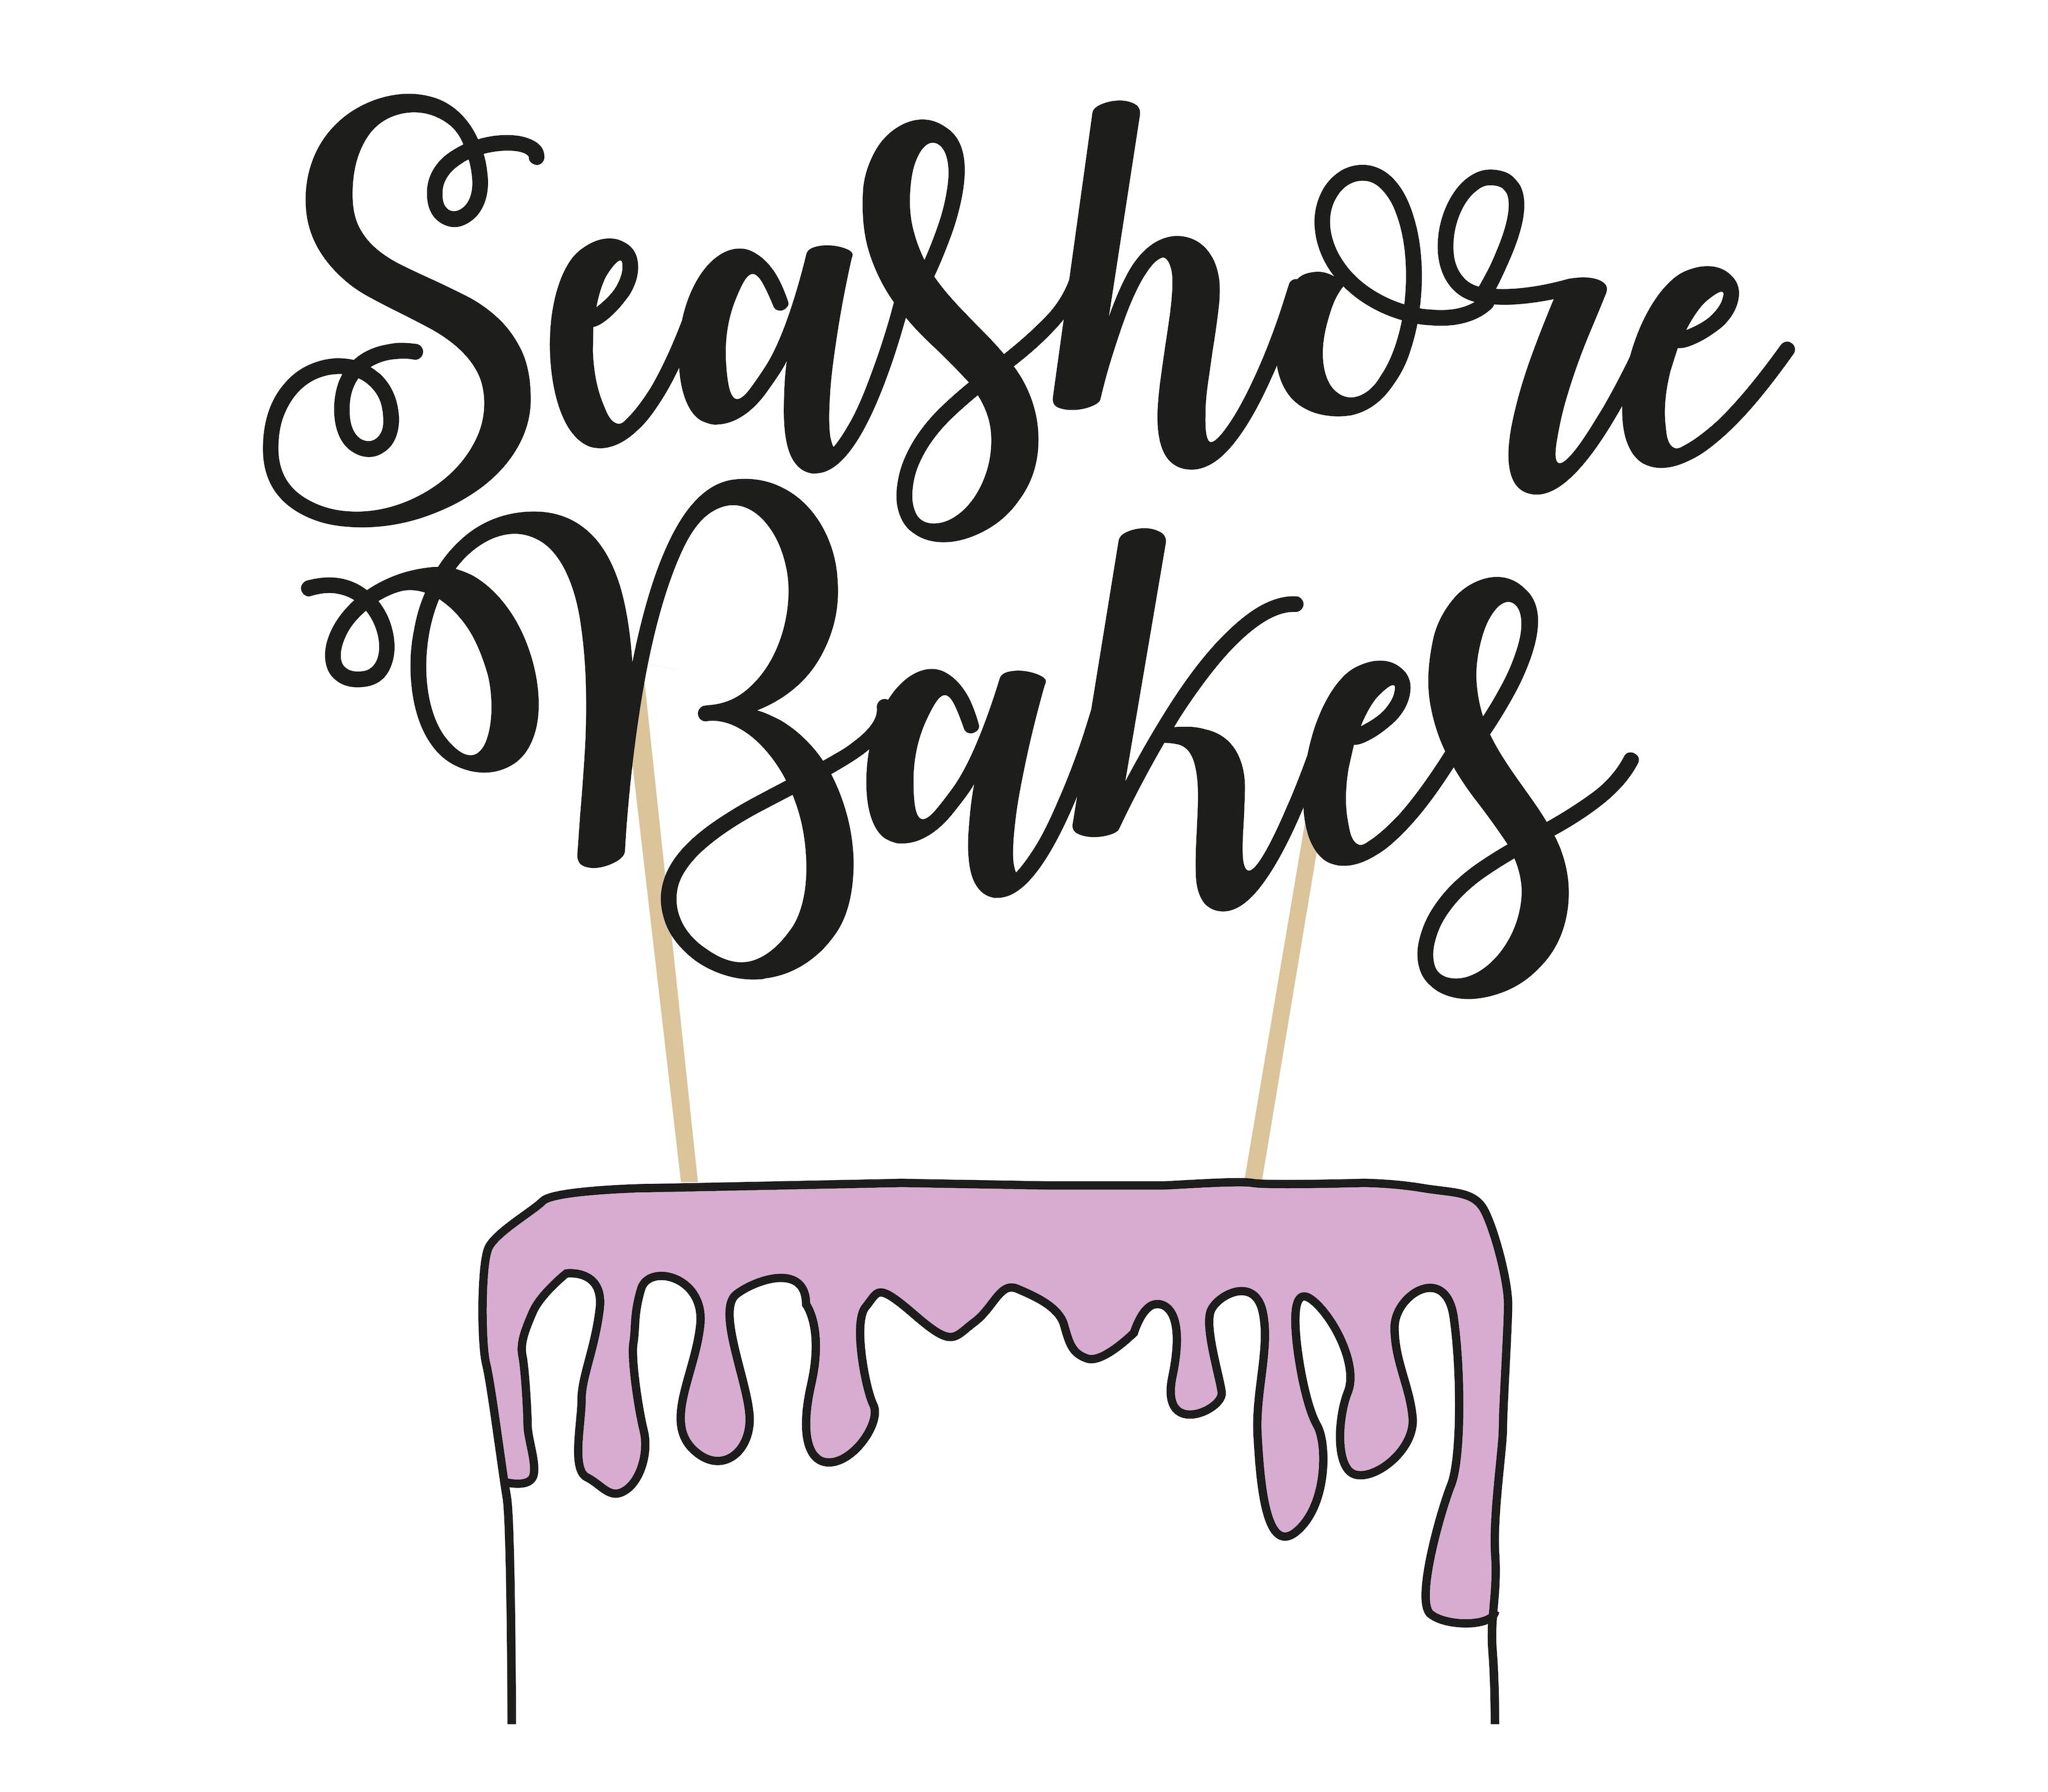 SeaShore Bakes